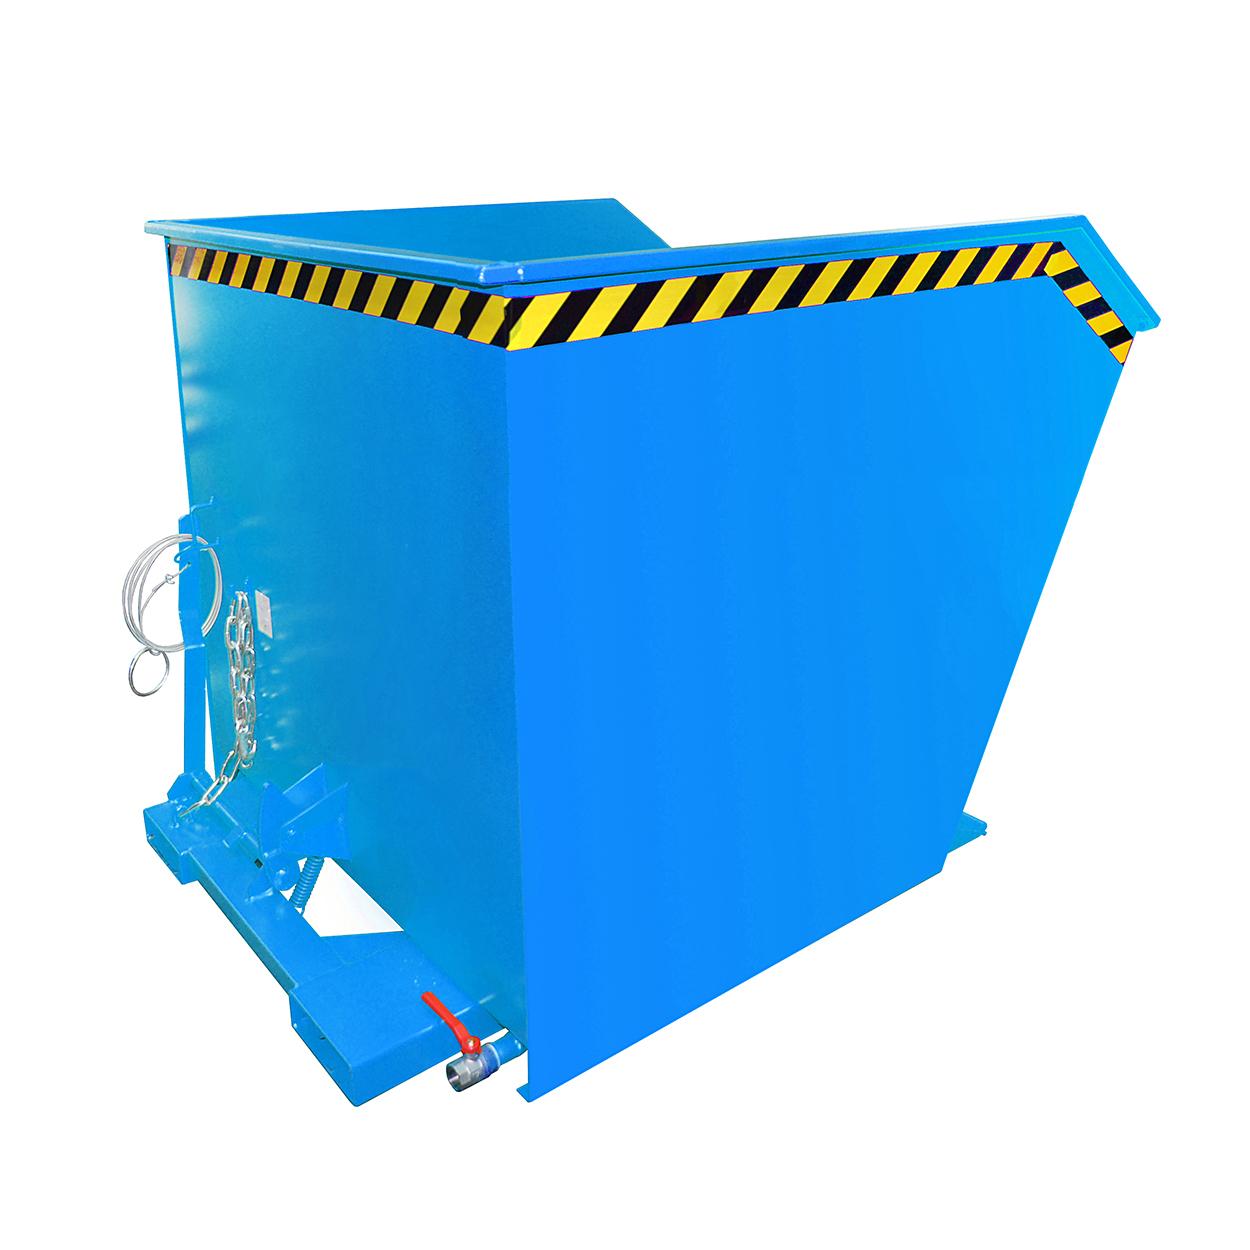 Výklopný kontejner s výpustí